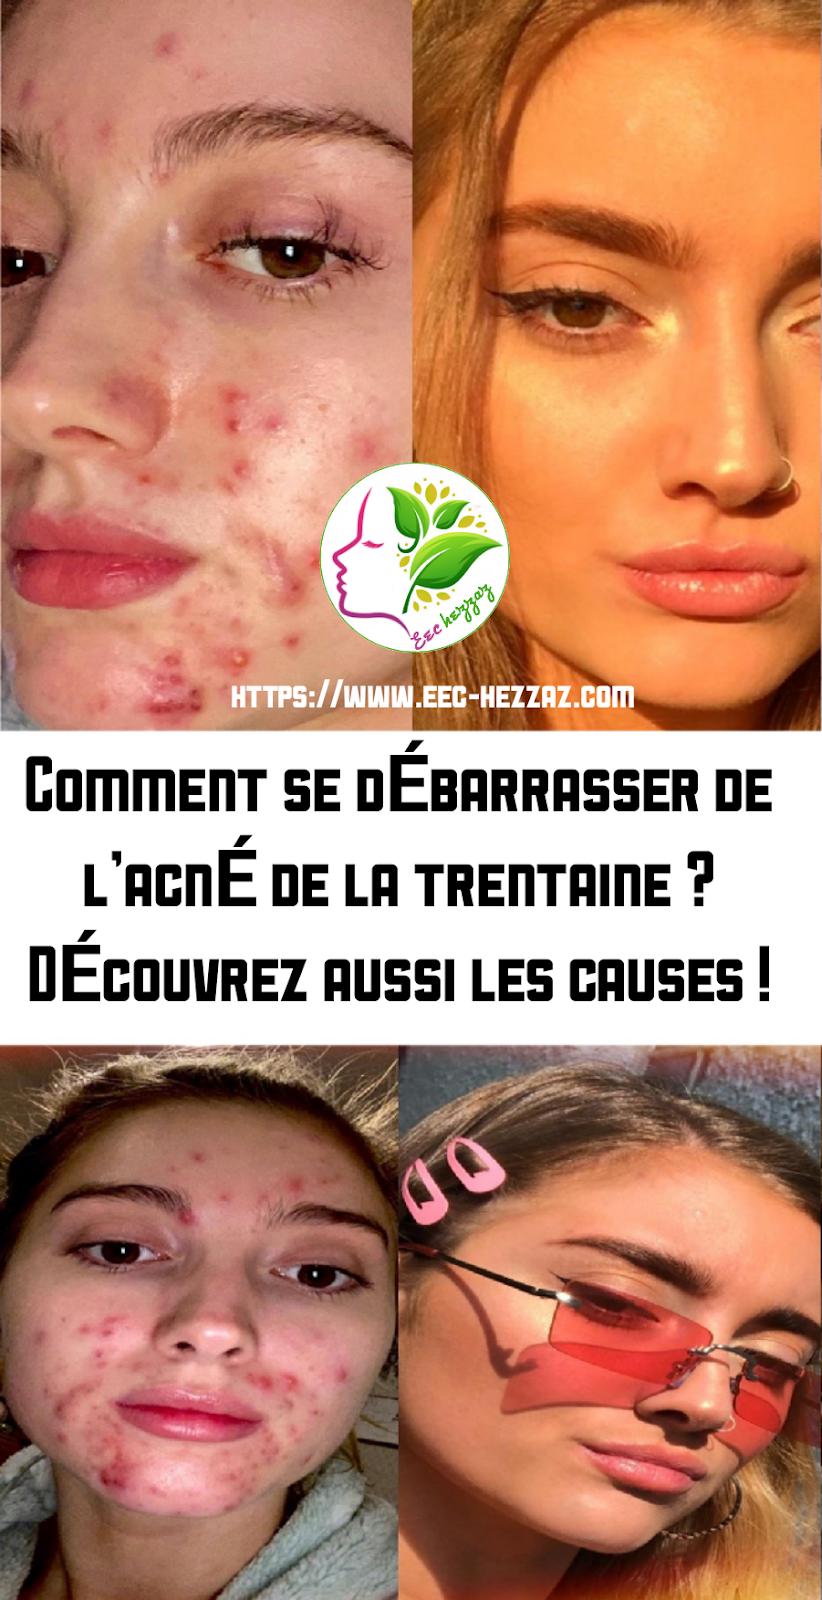 Comment se débarrasser de l'acné de la trentaine ? Découvrez aussi les causes !